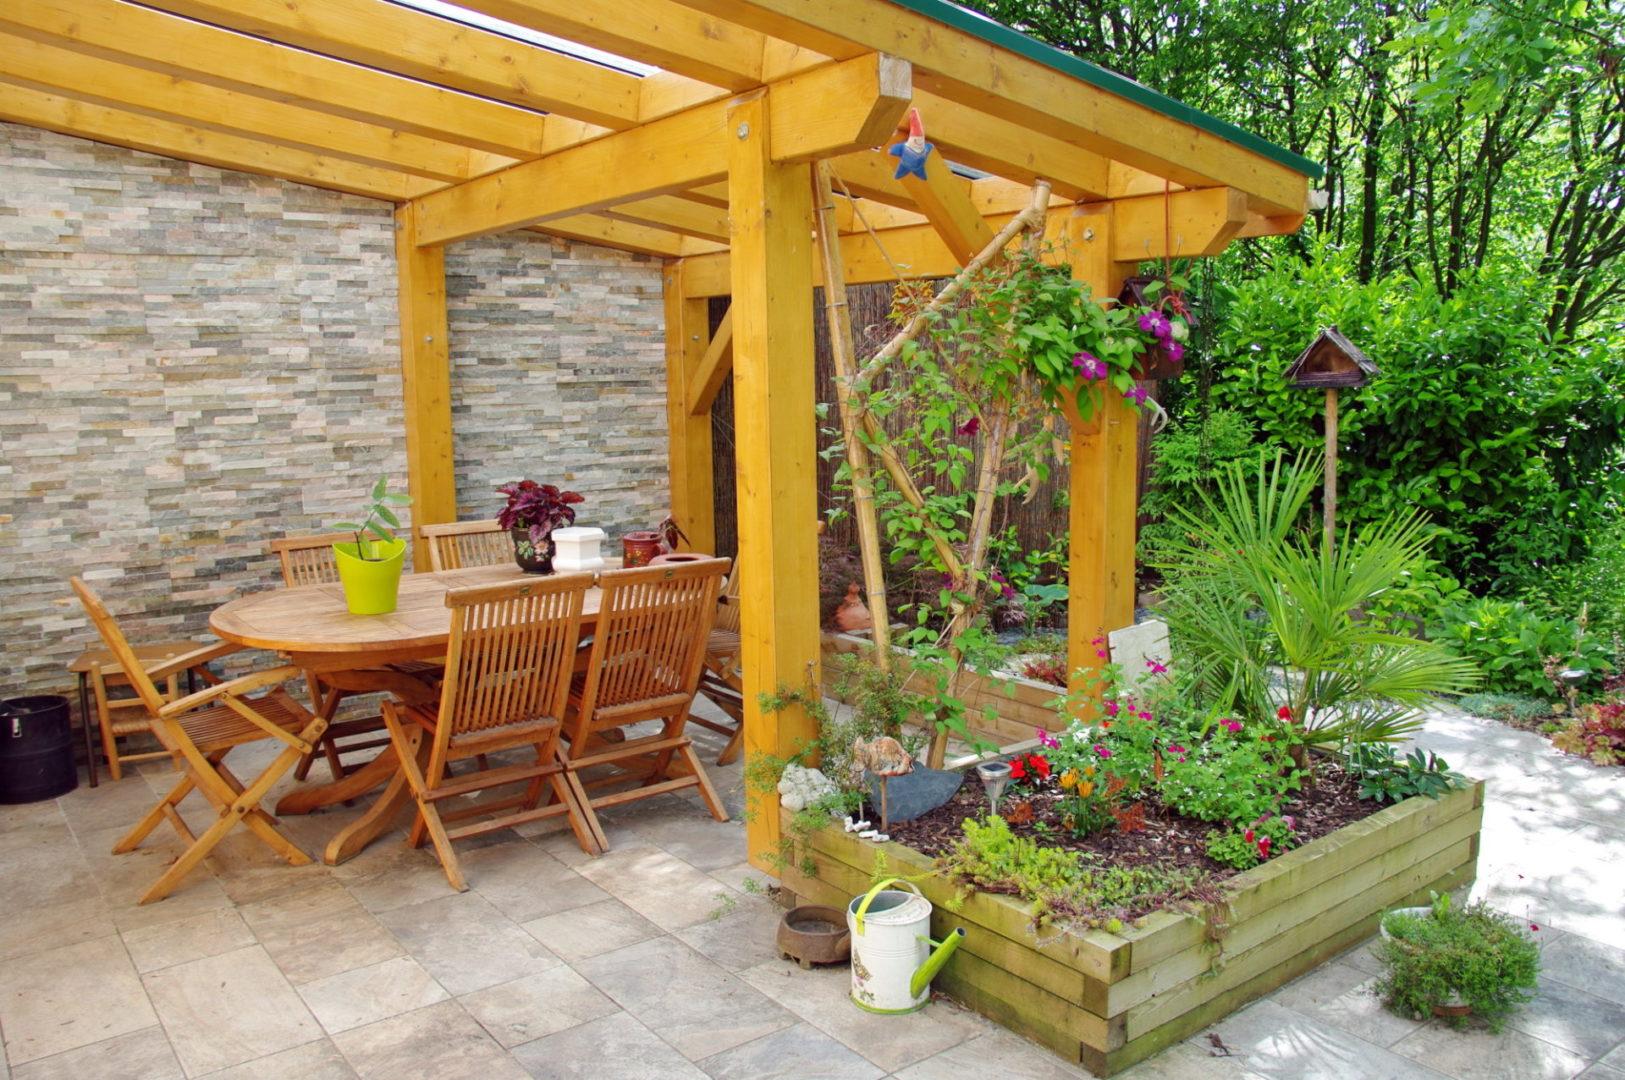 terrace over an outdoor patio